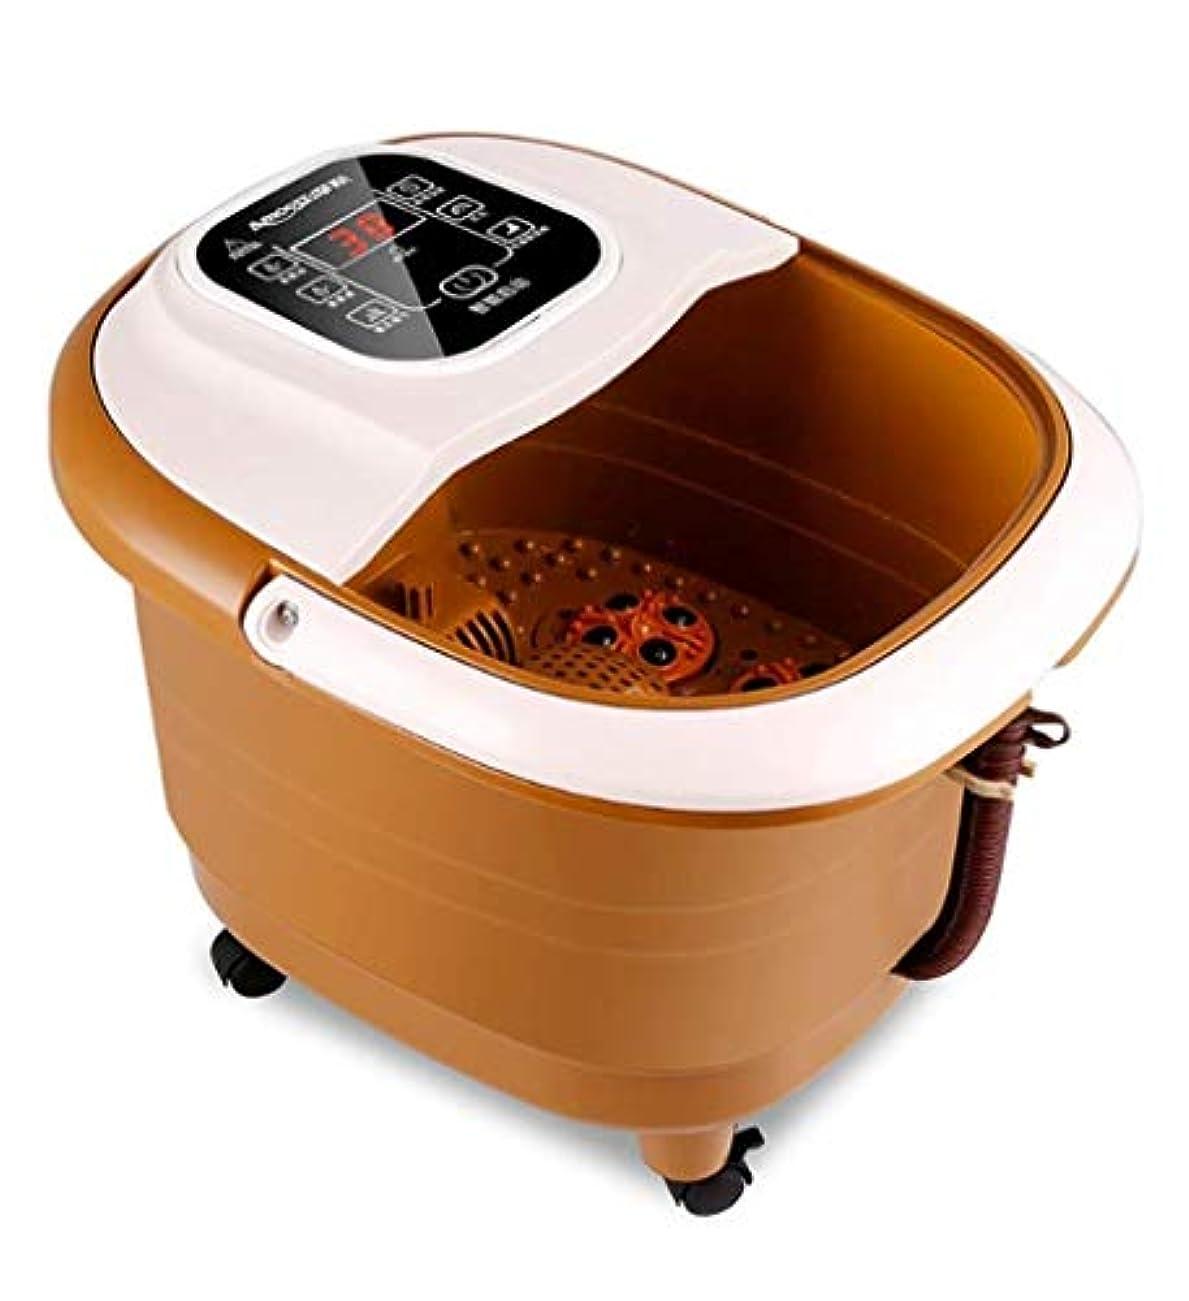 素朴なユーモア卑しい電動フットマッサージベイスン、フットスパアンドマッサージャー、加熱/磁場治療フットケア、取り外し可能なマッサージローラー、インテリジェントな水温制御、LEDディスプレイ